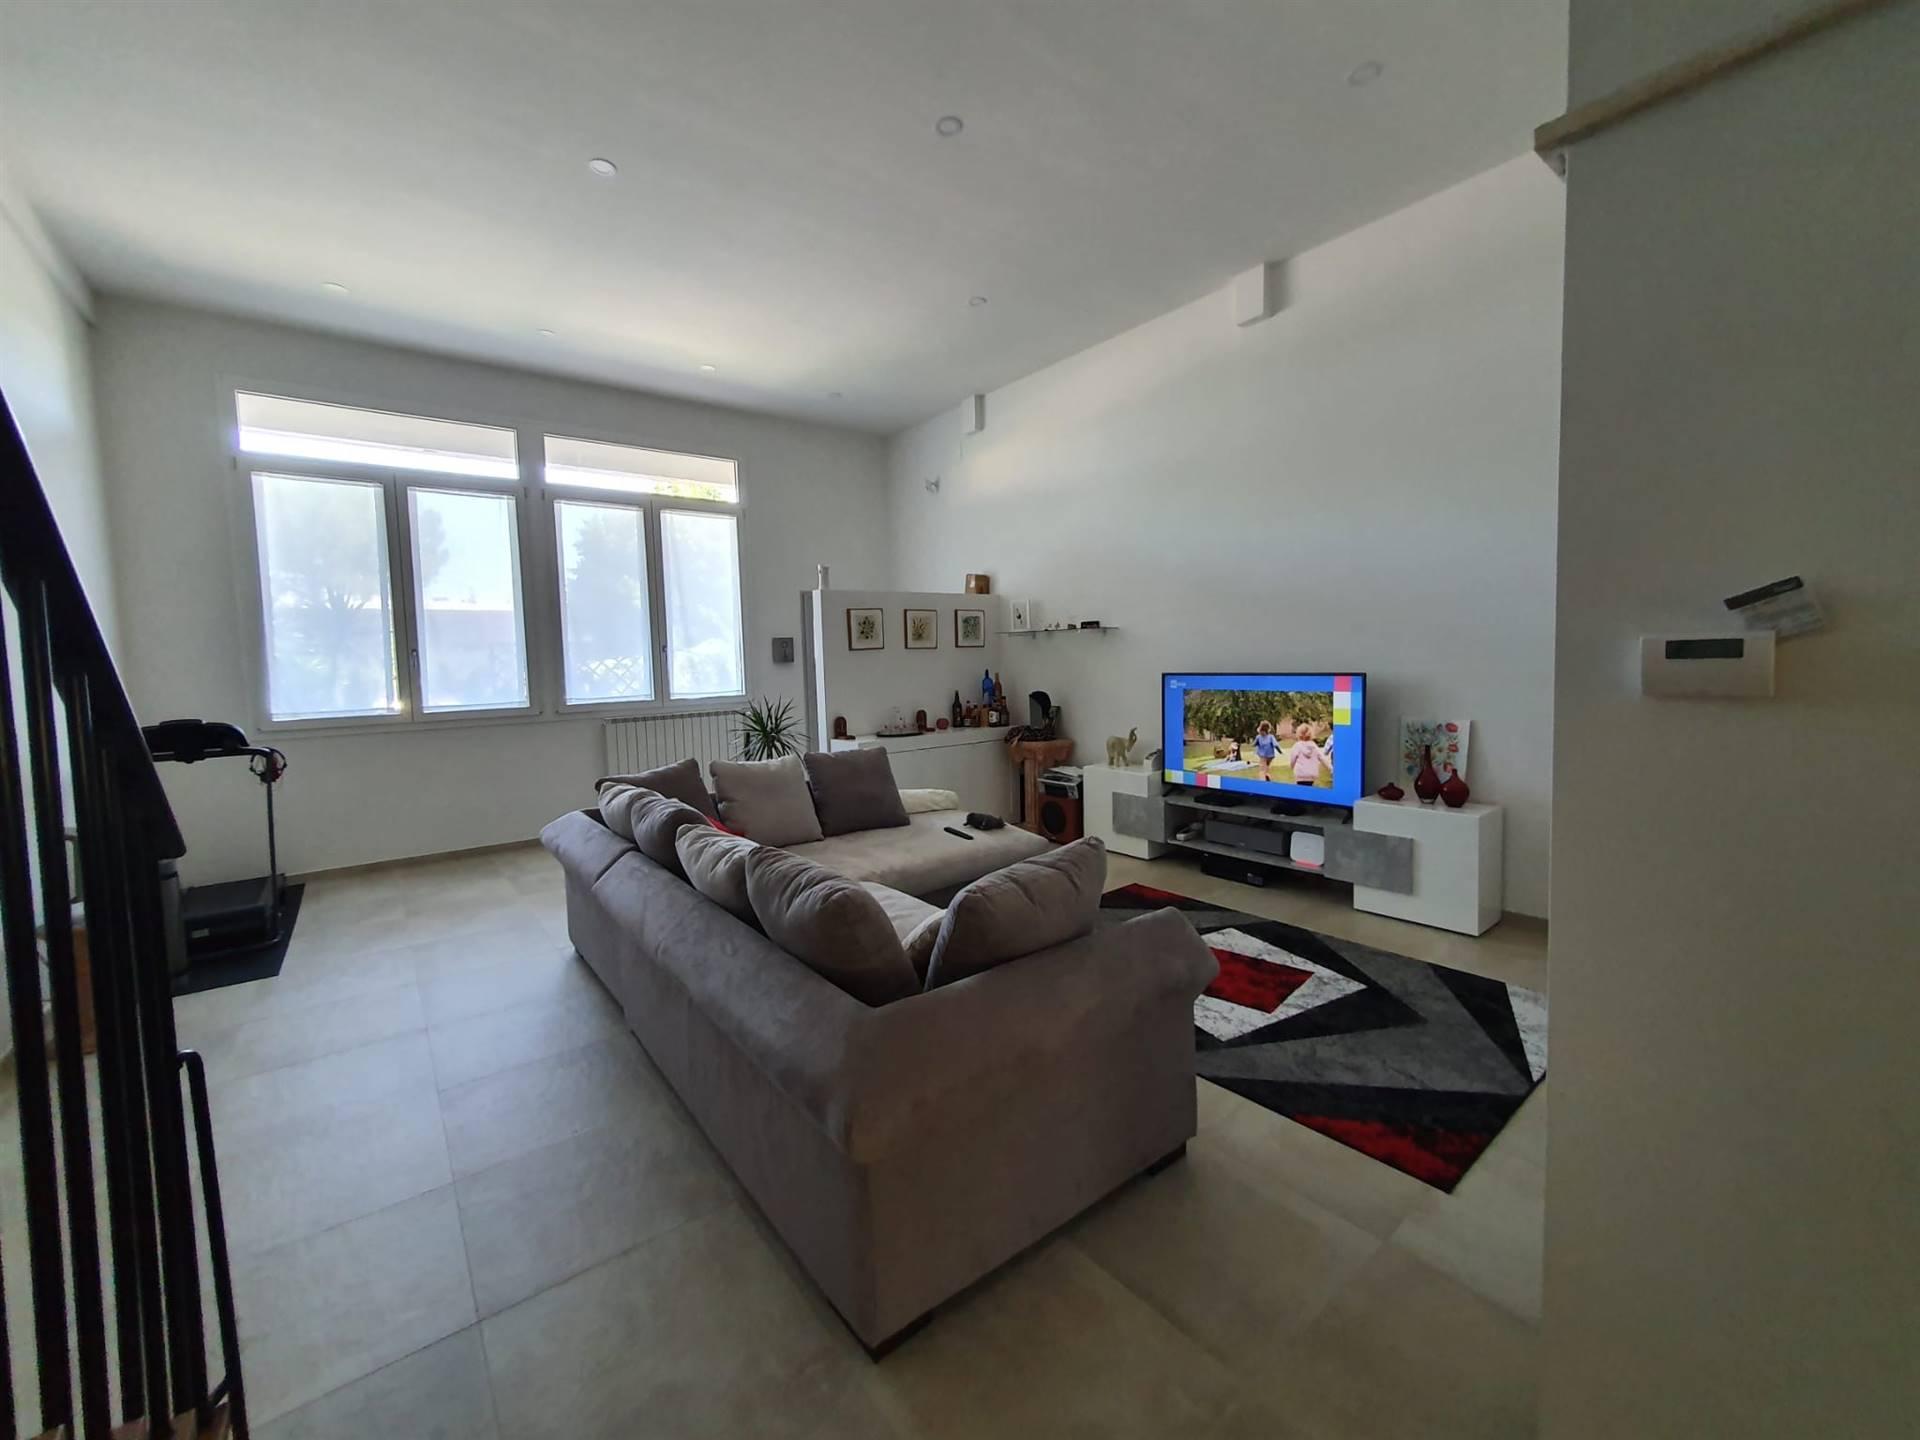 Appartamento in Vendita a Signa zona Crocifisso - immagine 23